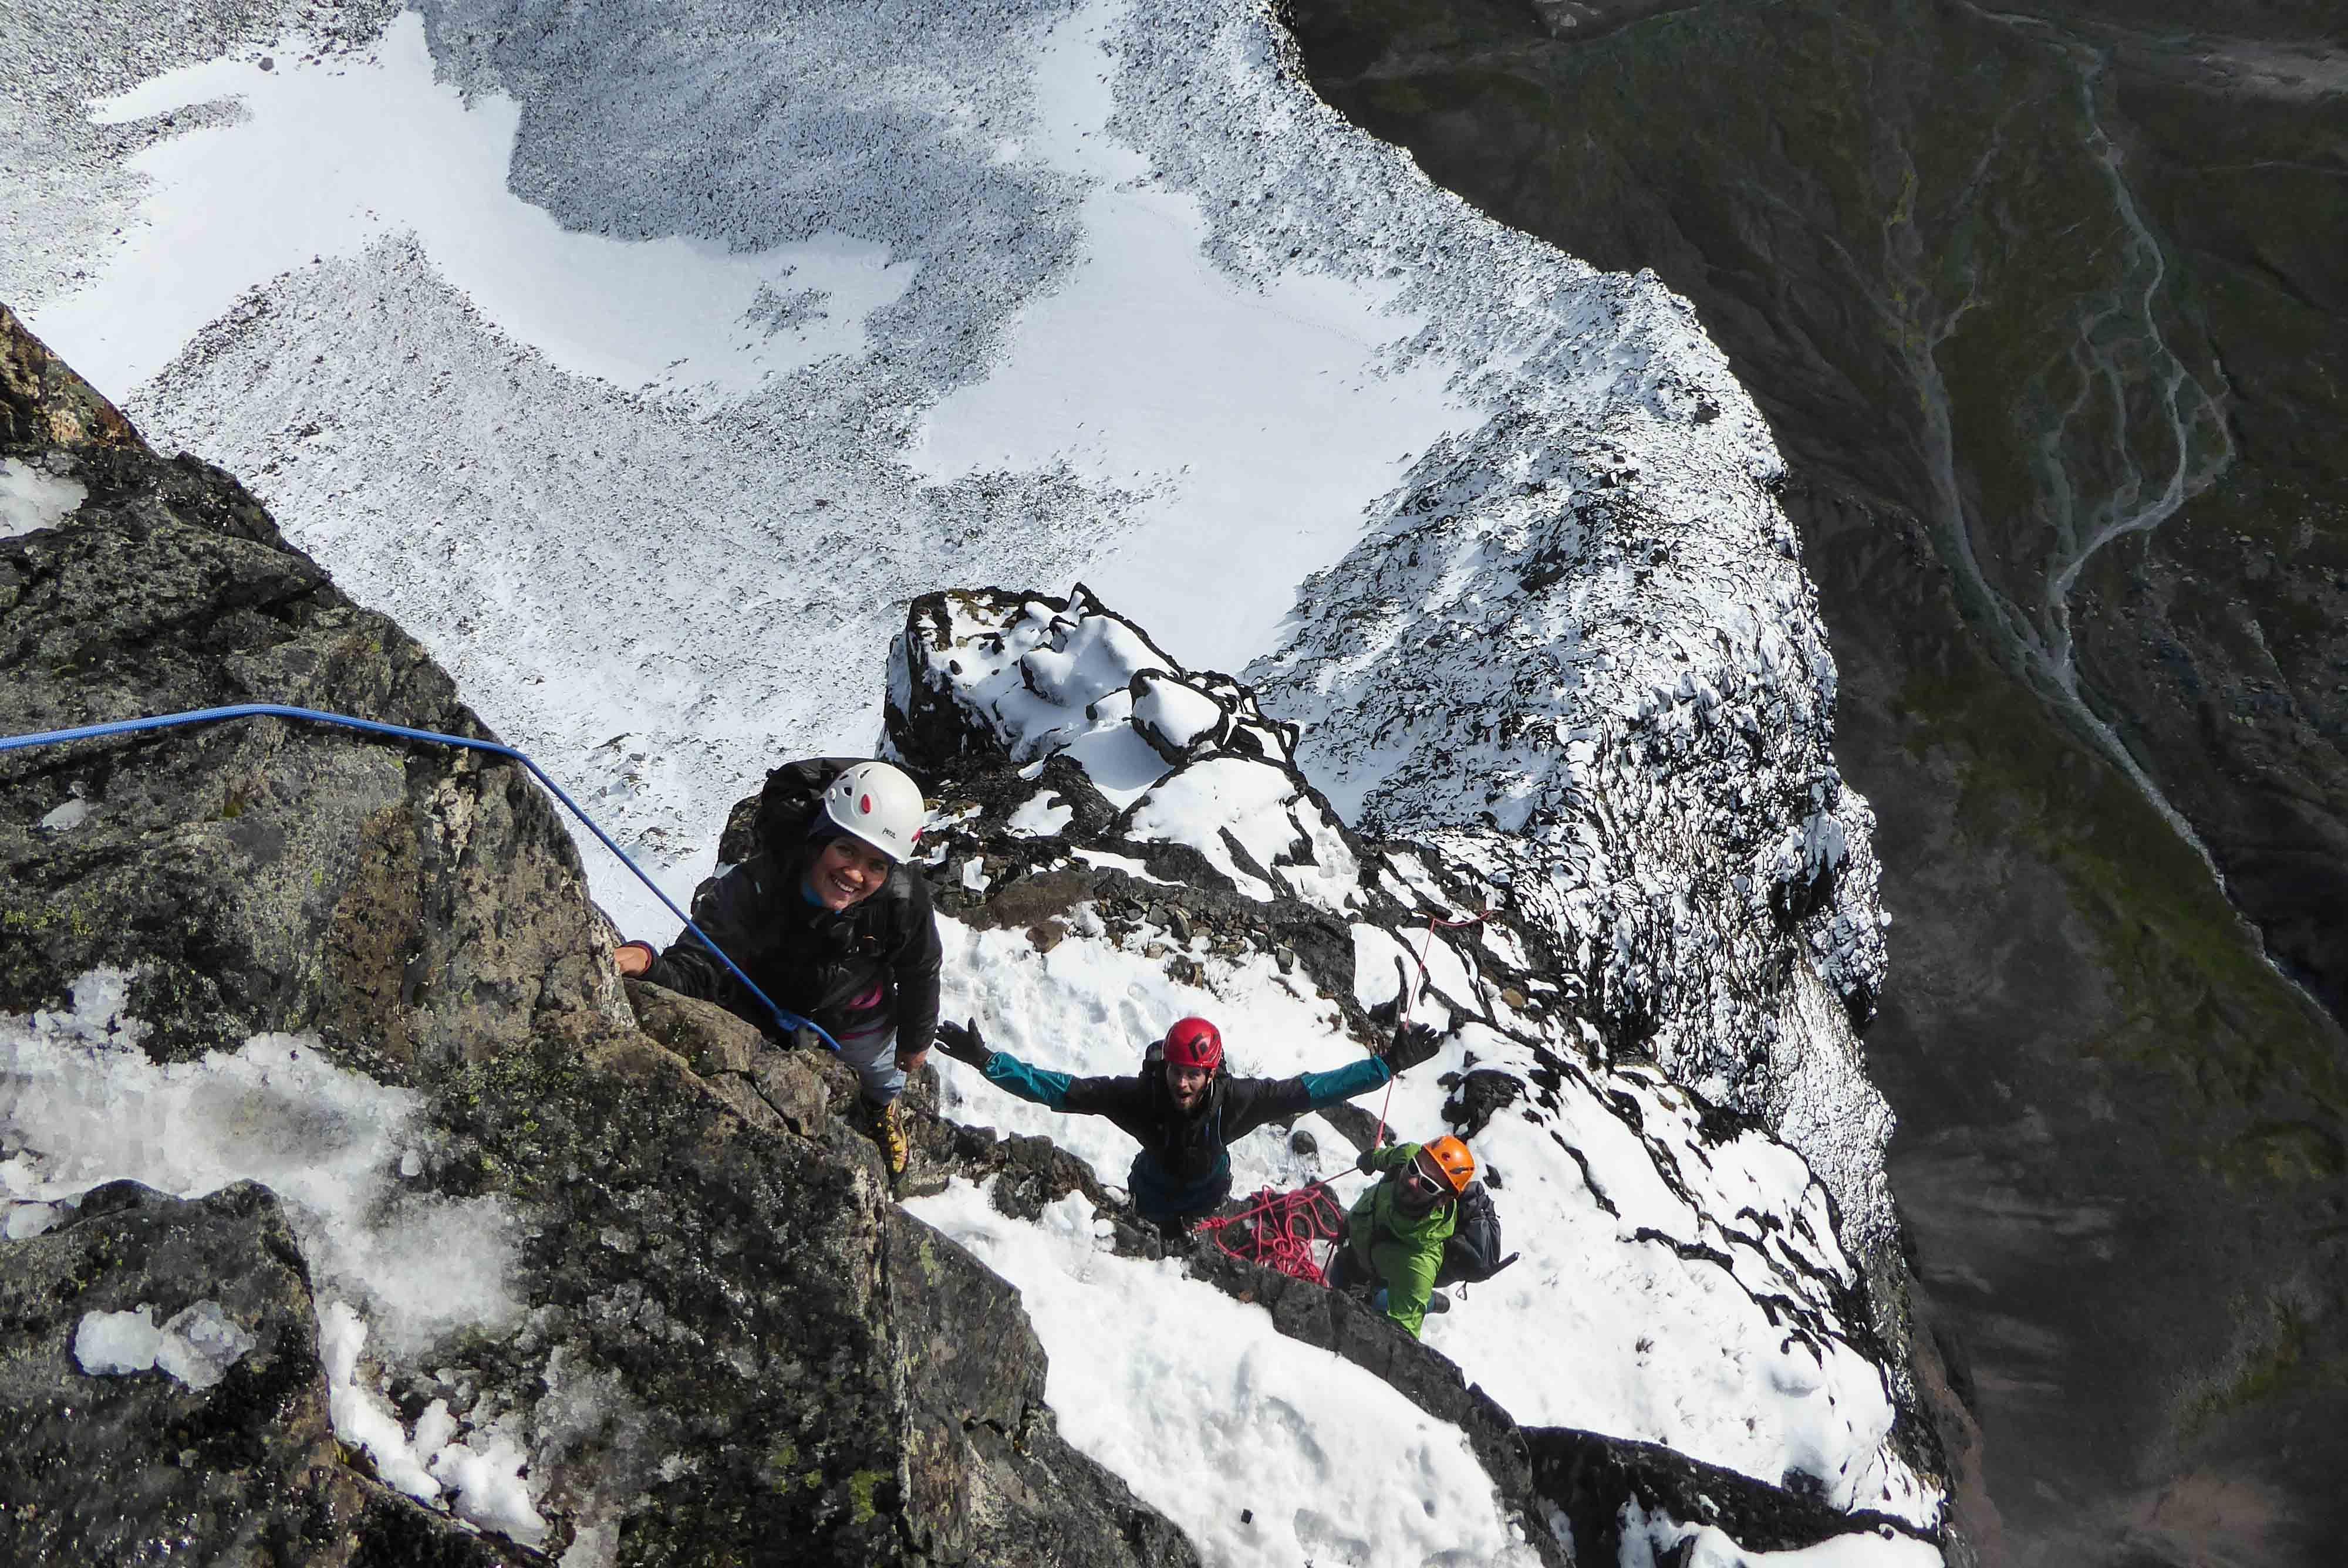 Kebnekaise - Alpin Klättring Toulpagorni